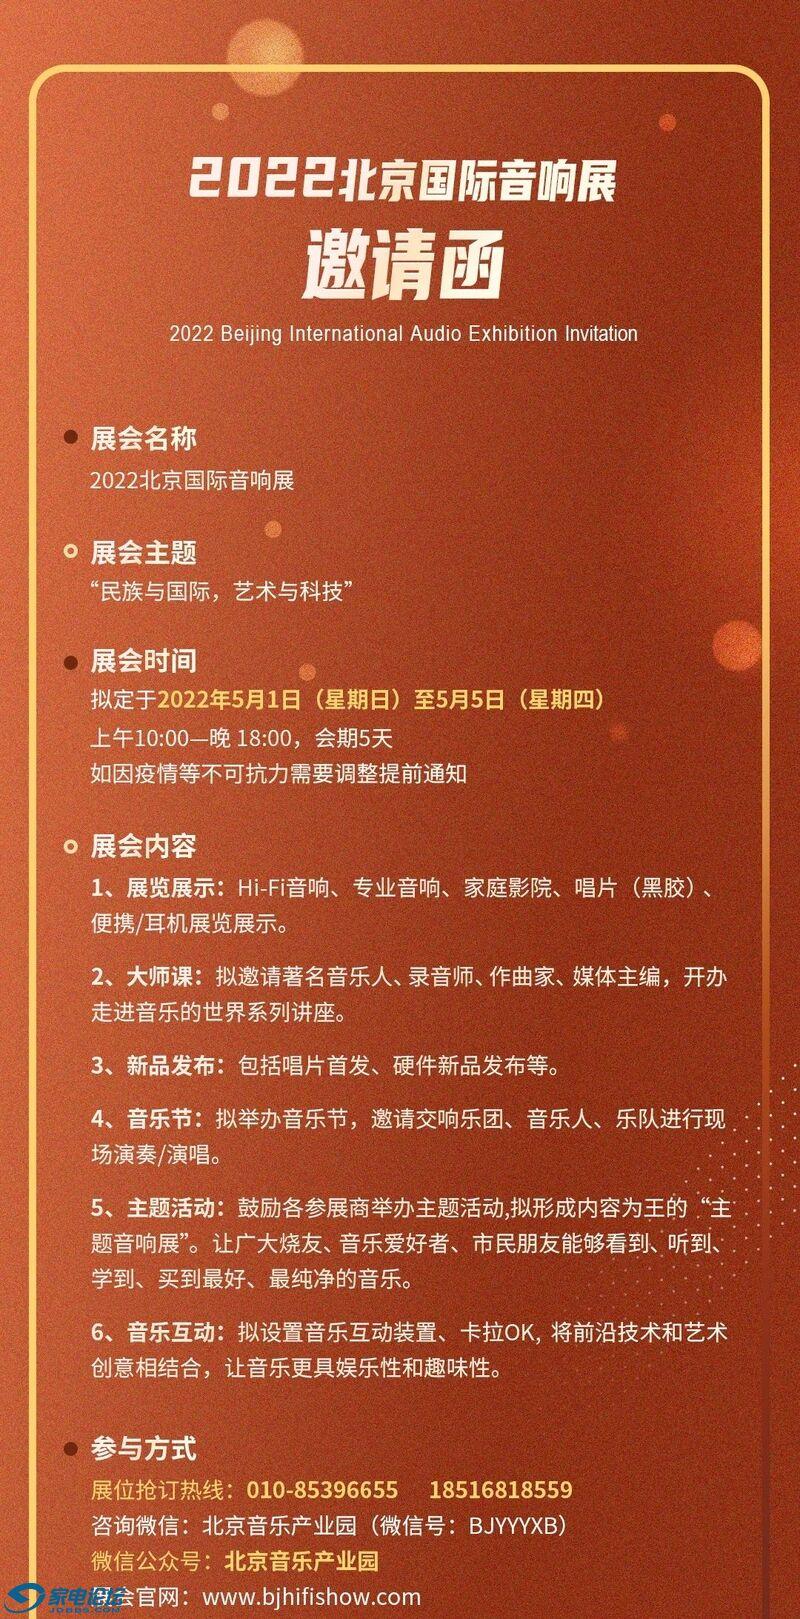 2022北京国际音响展_002.jpeg